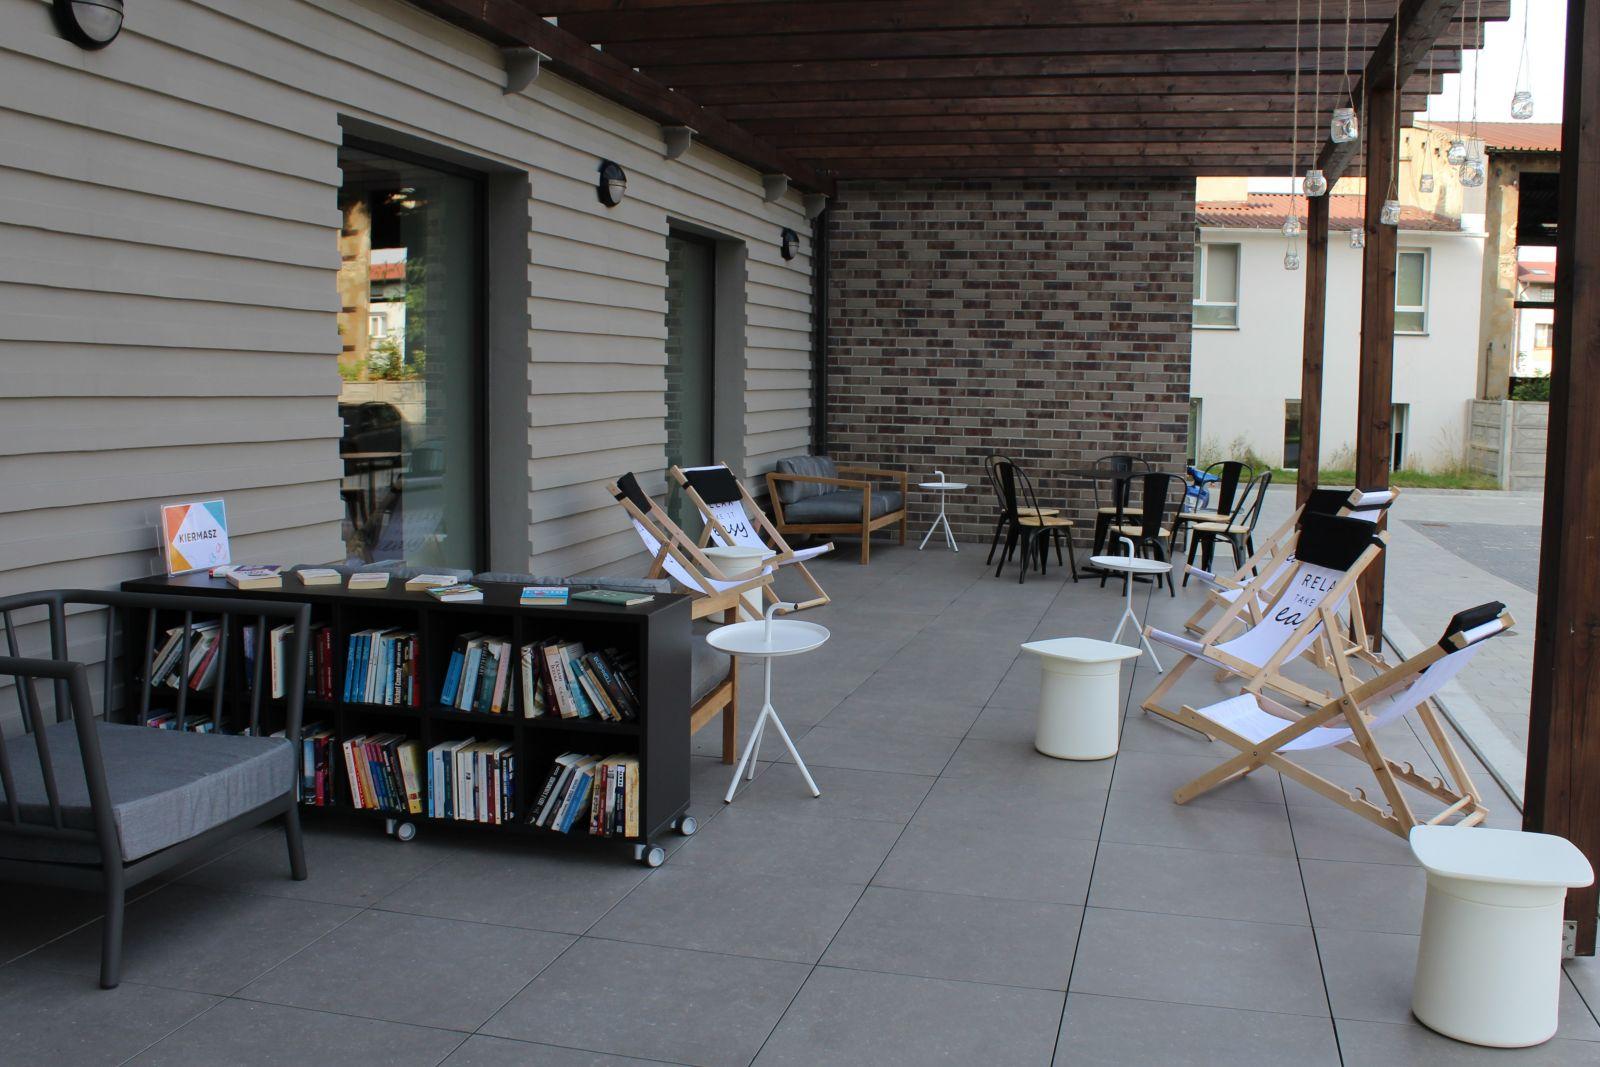 Fotografia tarasu przed biblioteką. Widoczne krzesła, leżaki i drewniana pergola.